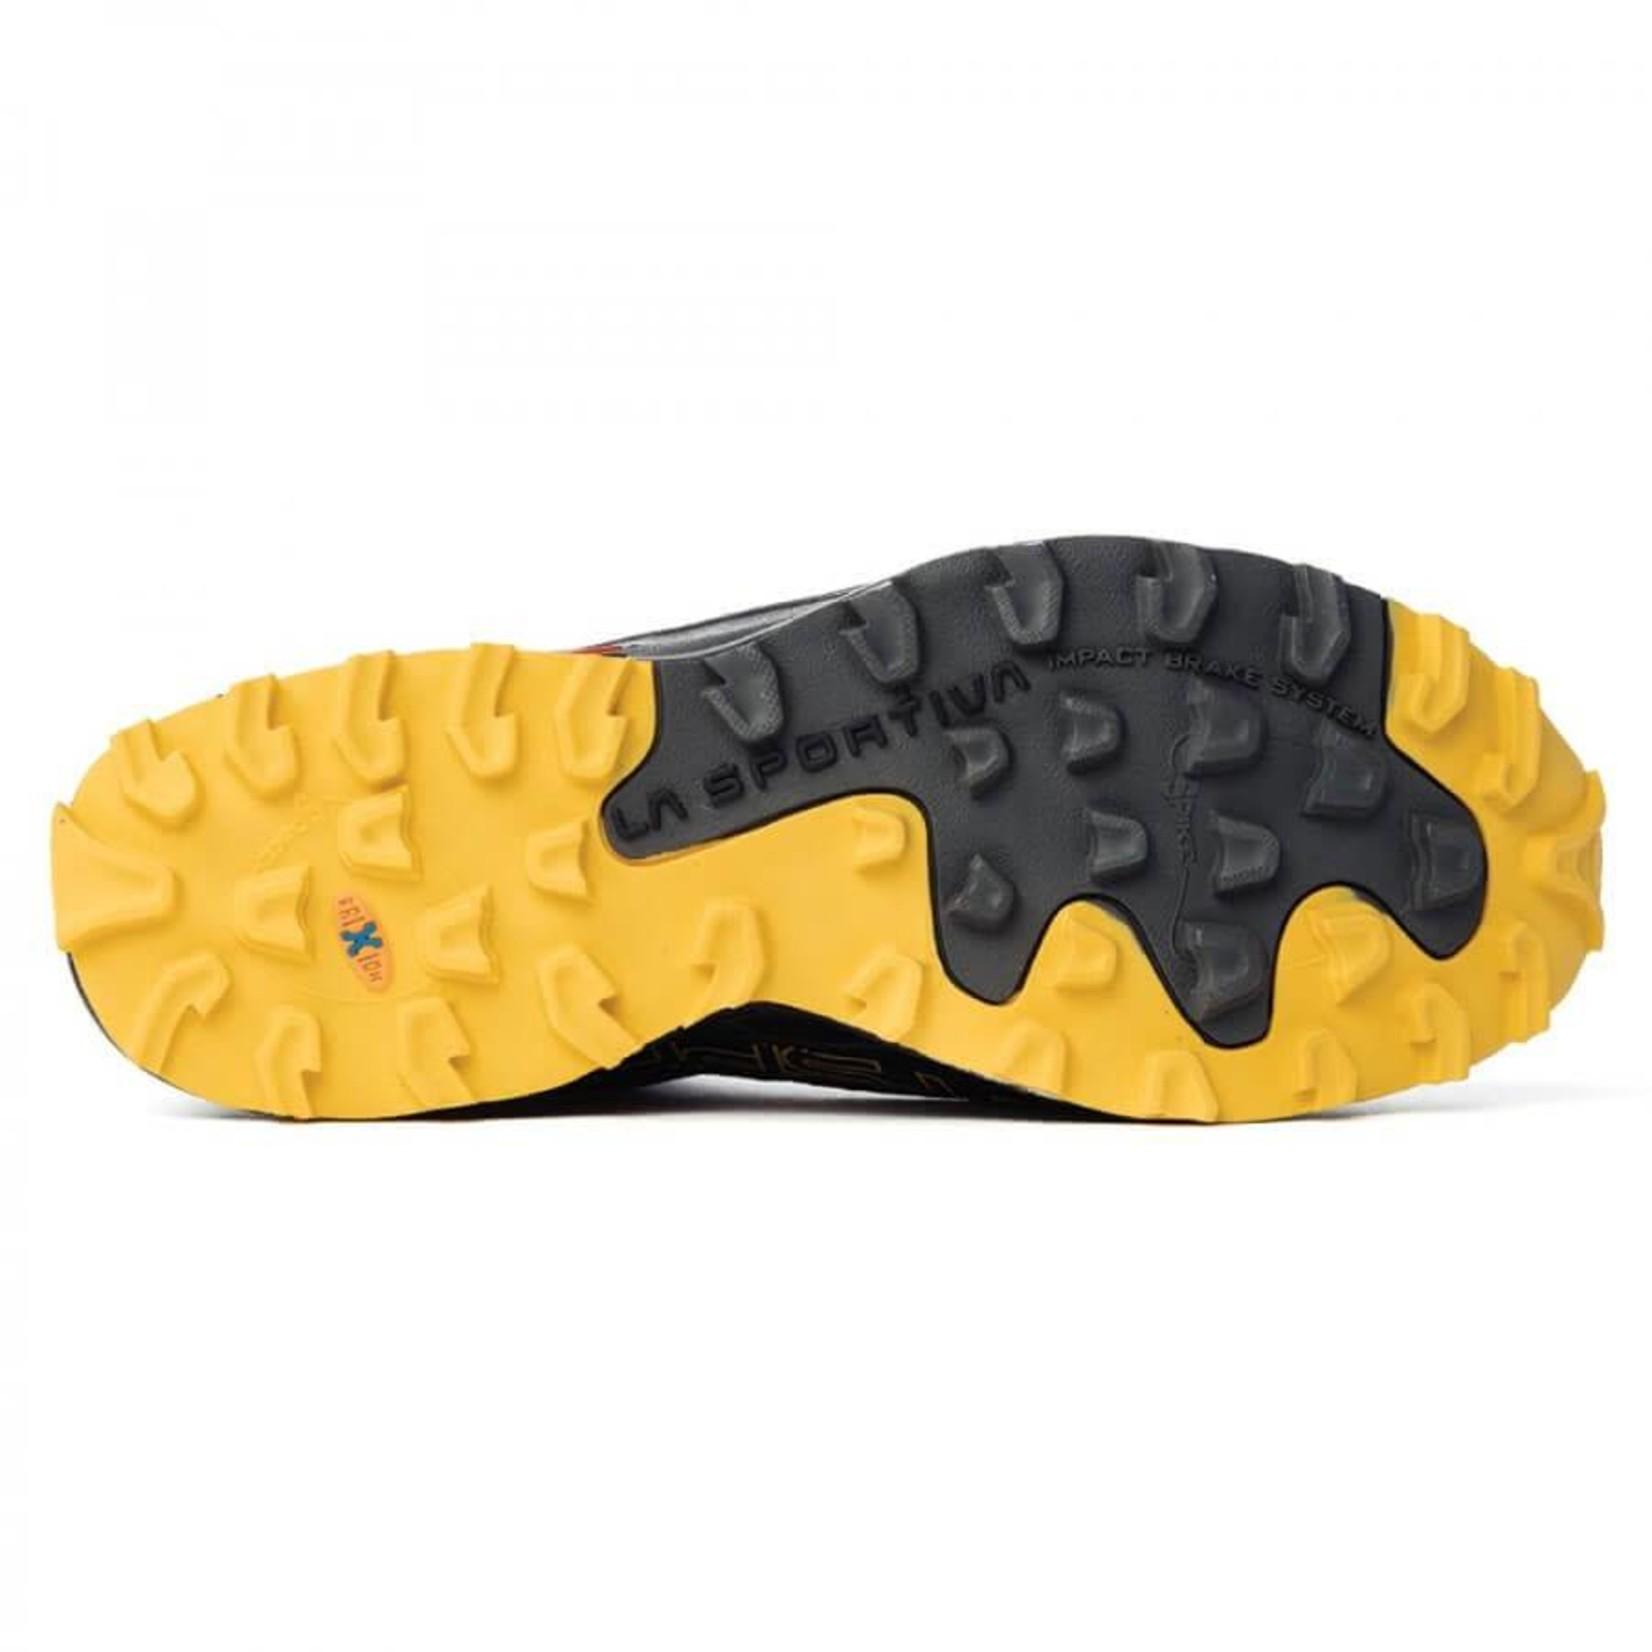 La Sportiva La Sportiva Crossover 2.0 GTX Running Shoe - Men